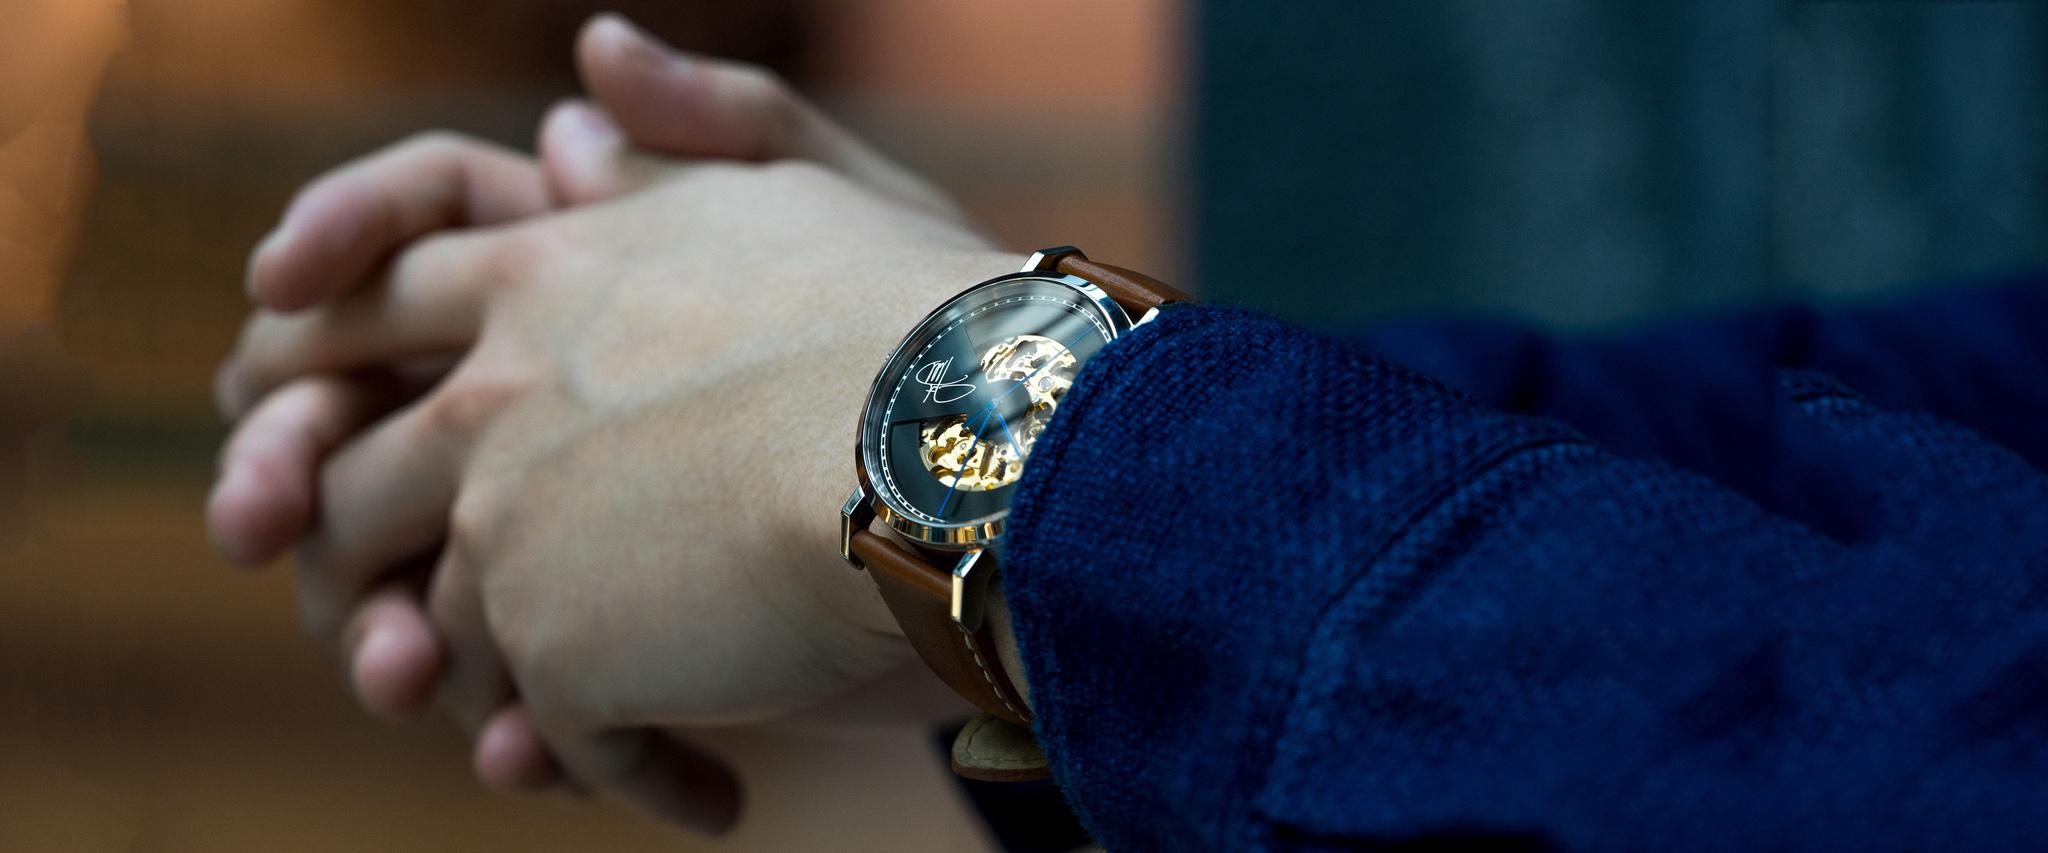 客製化錶盤 NTD 1600, 需時 5 個工作天